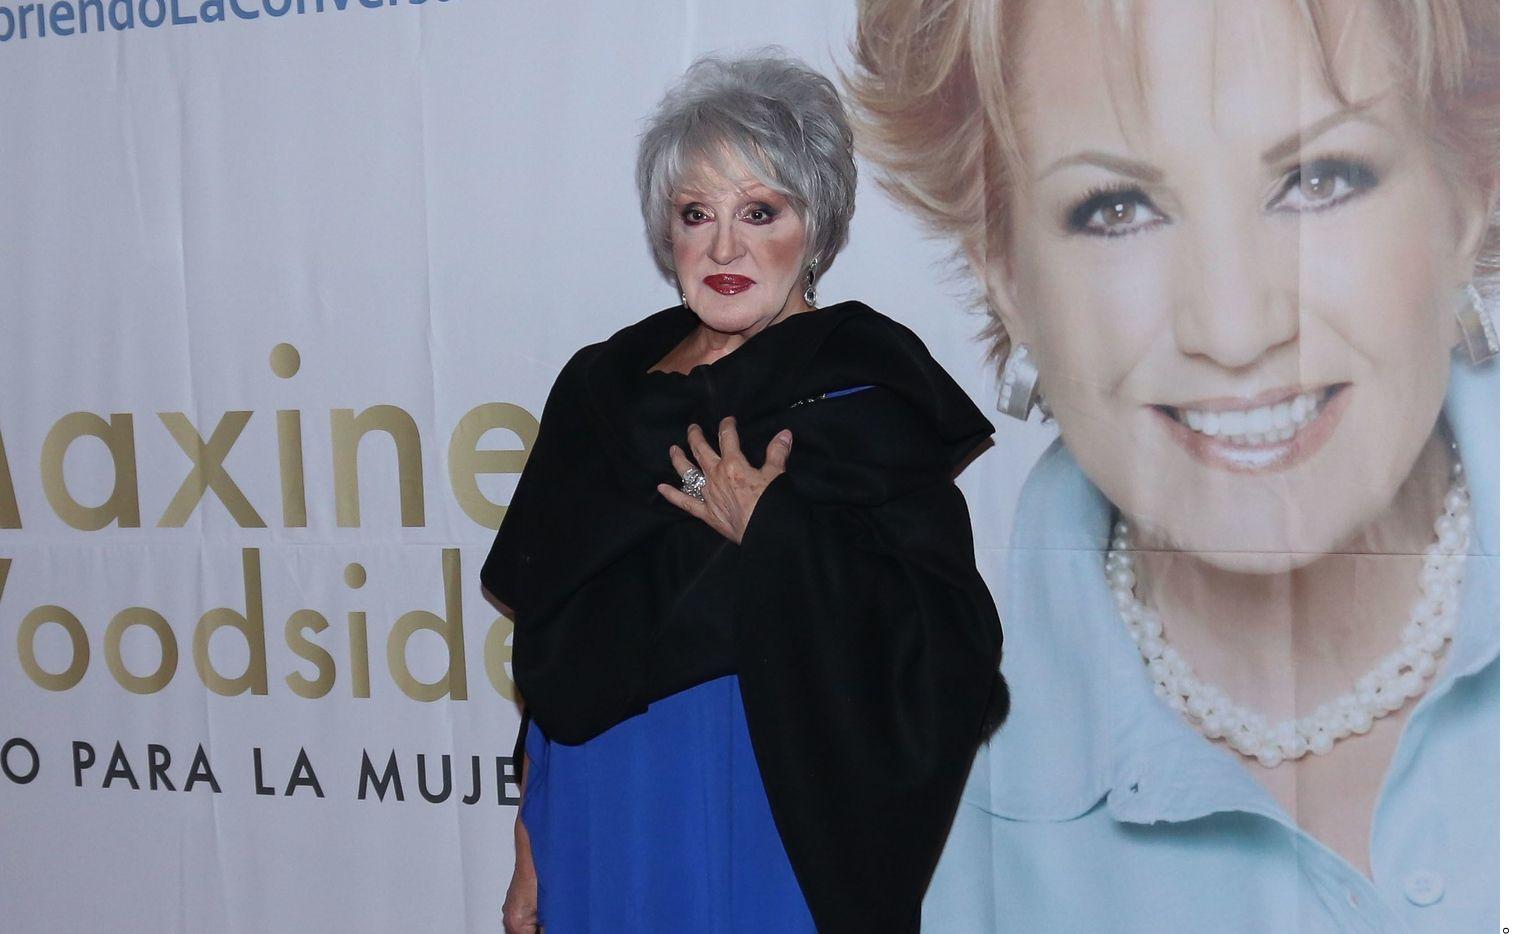 Ana Elena Noreña Grass, ex pareja de José José, afirmó que quedó estipulada como heredera universal, respaldada por sus hijos, José Joel y Marisol.